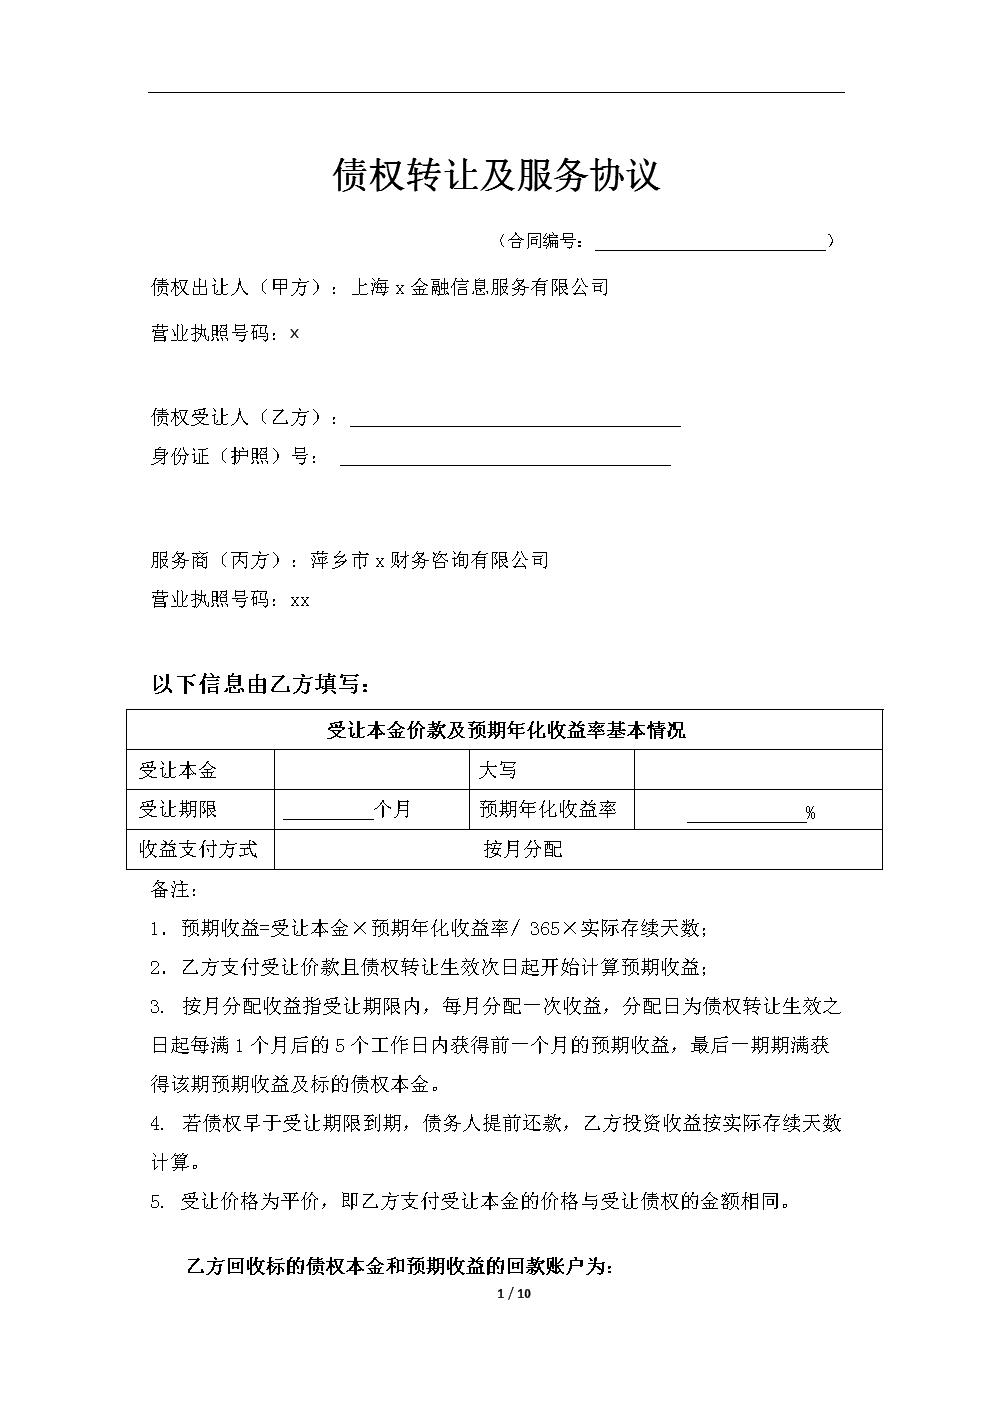 债权转让及服务协议(修改).docx